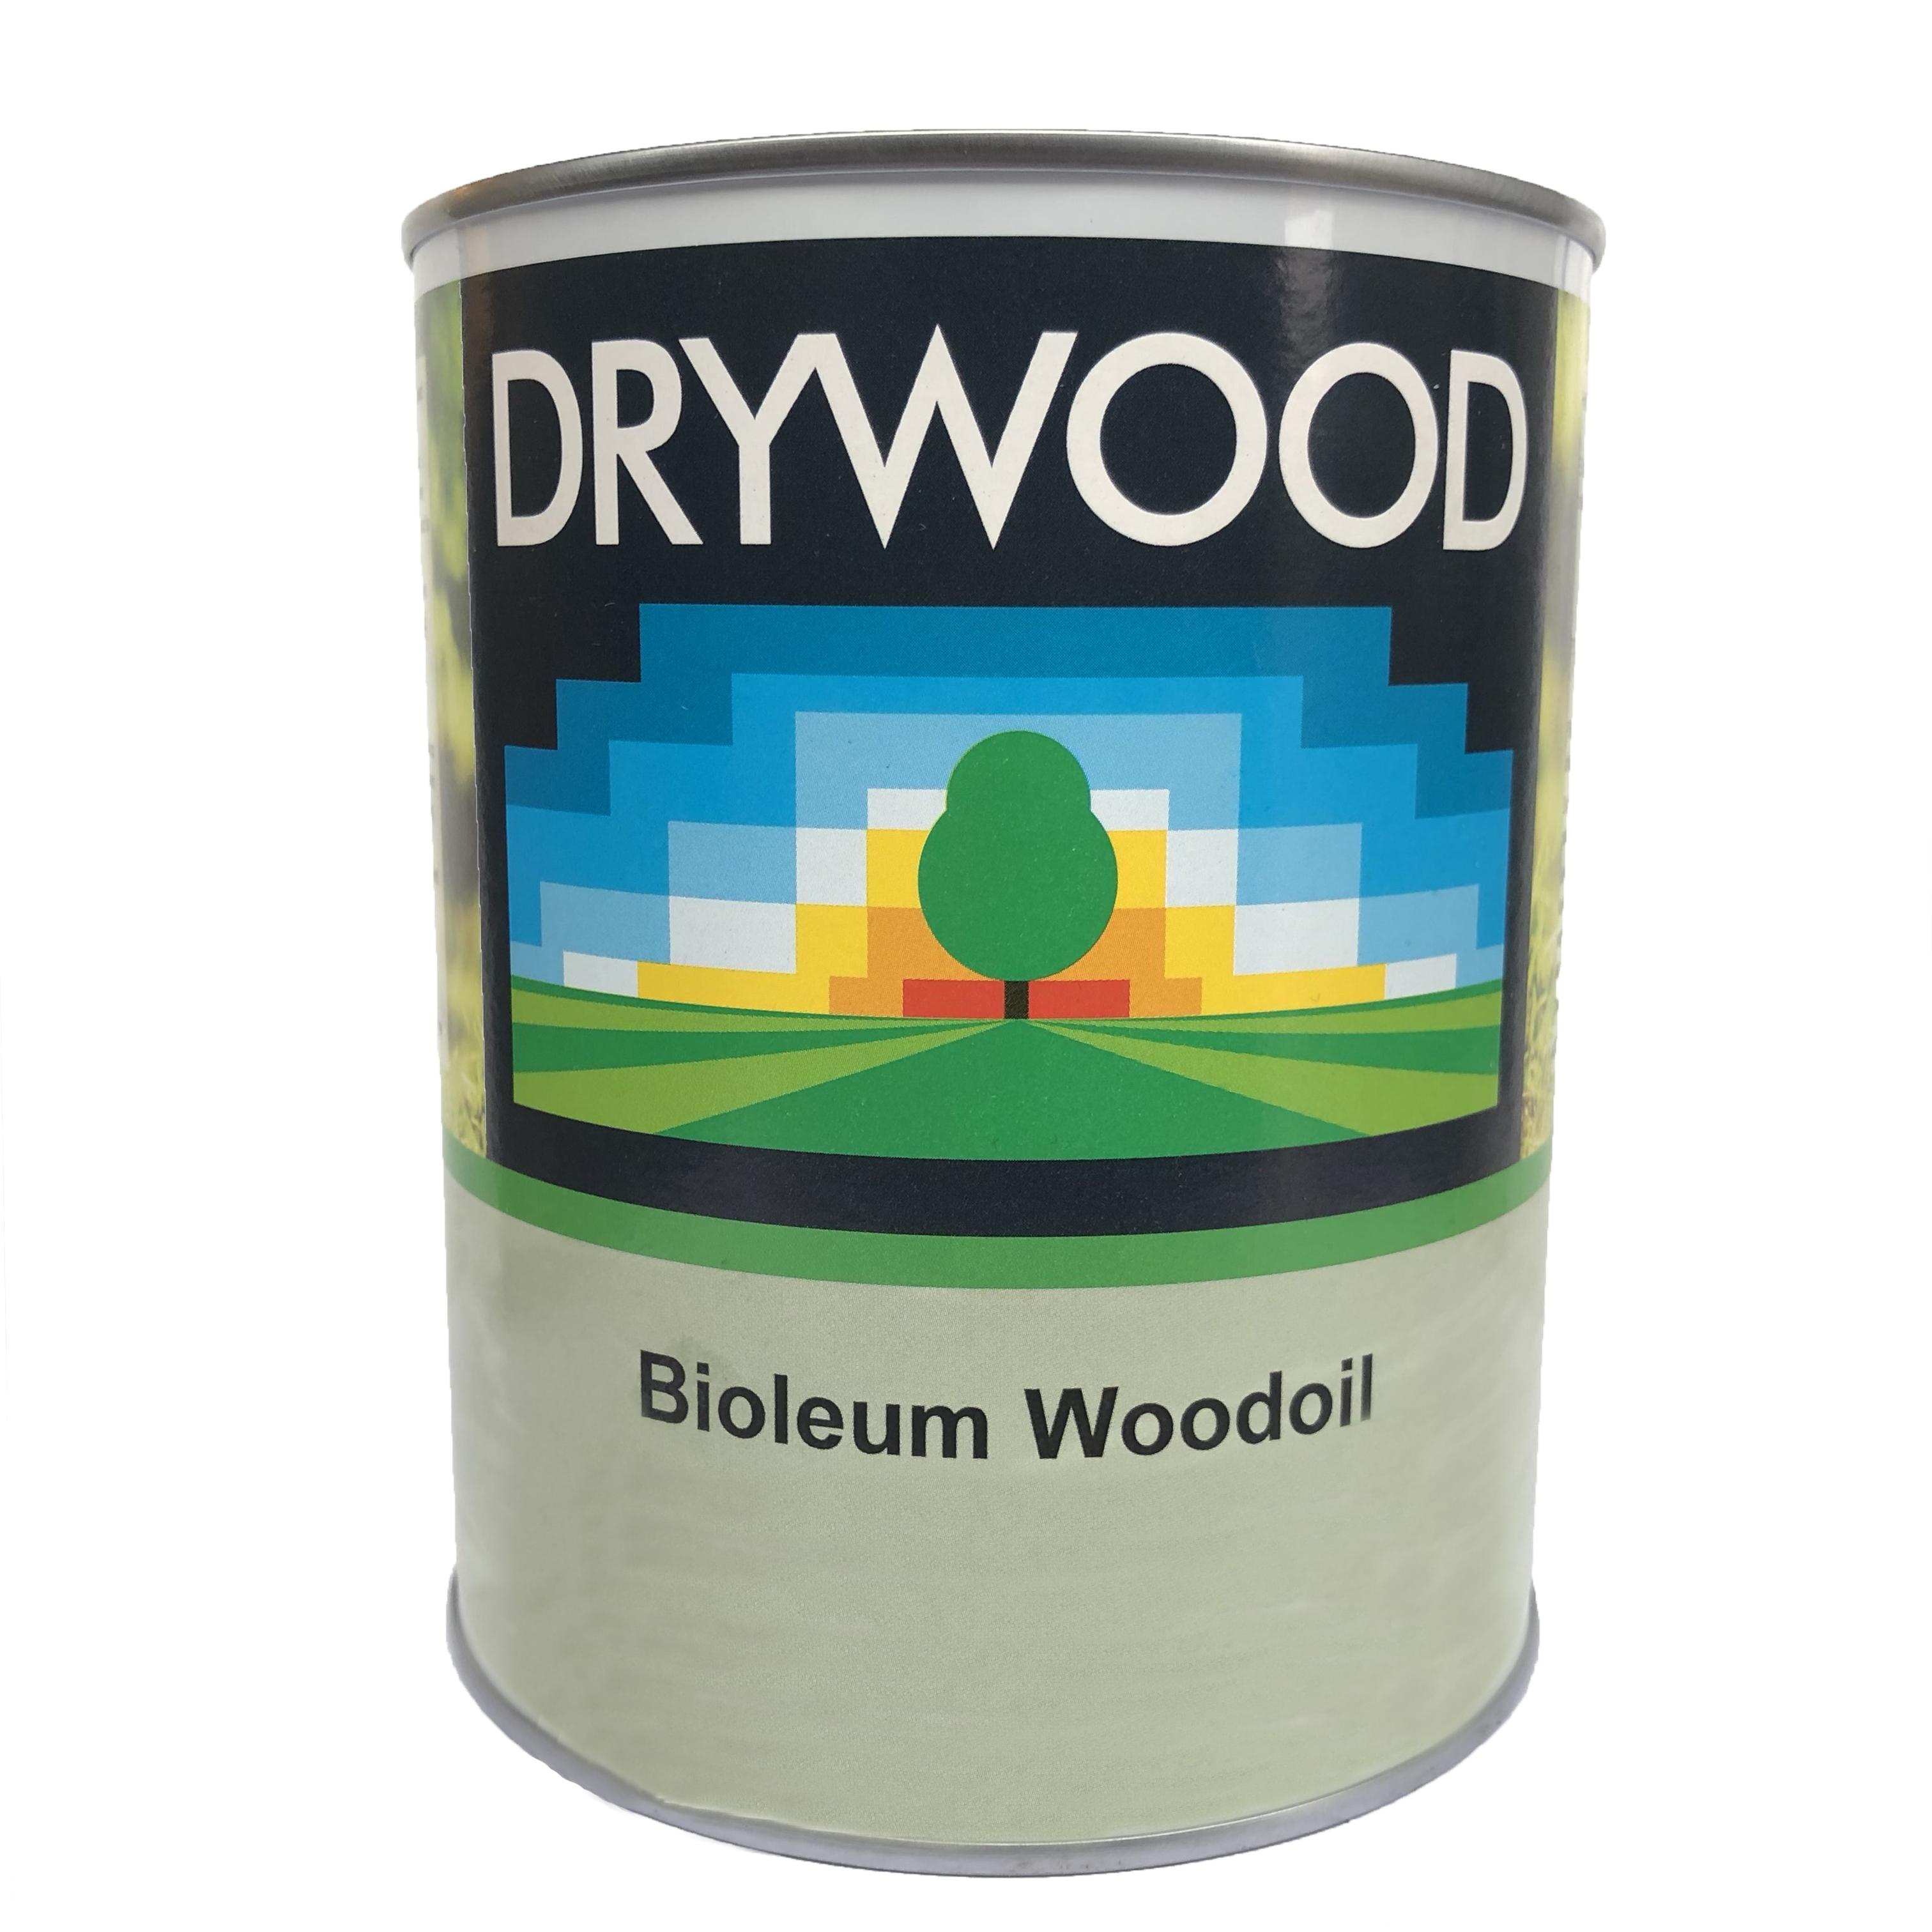 Afbeelding van Drywood Bioleum Woodoil